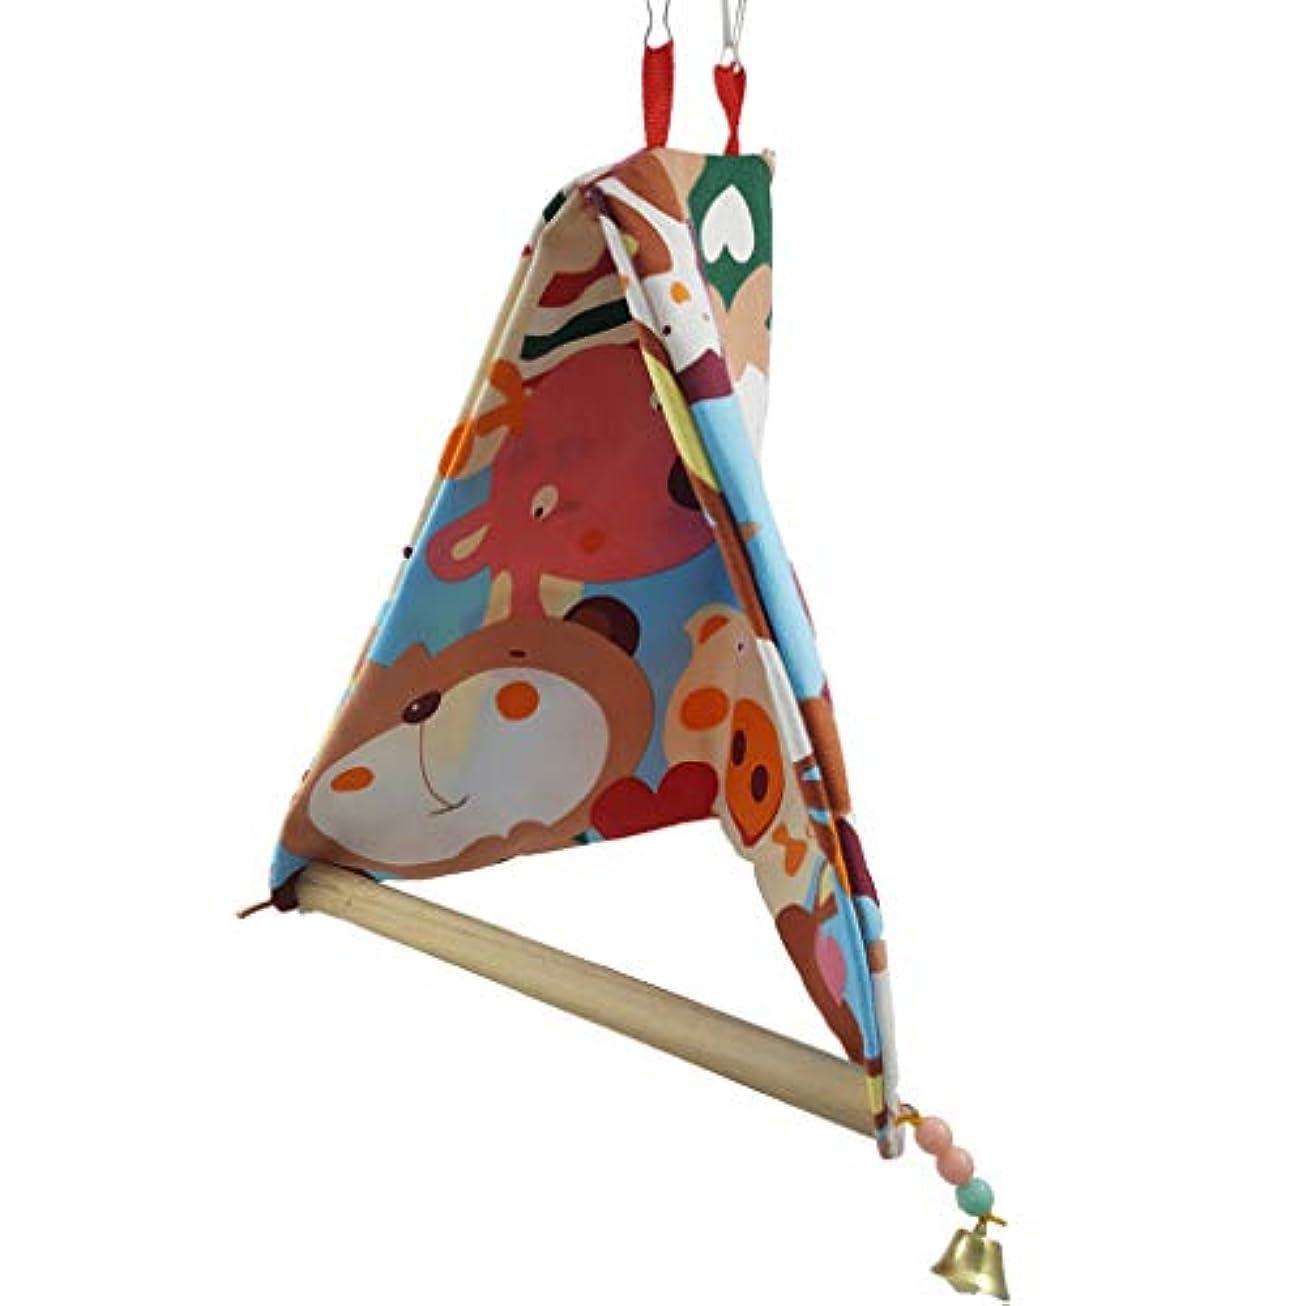 ブランデー湿地精神的に玩具スイングオウムオカメインコラブバードケージのために鳥ハット?ハウスベッドスタンドパーチを温めます